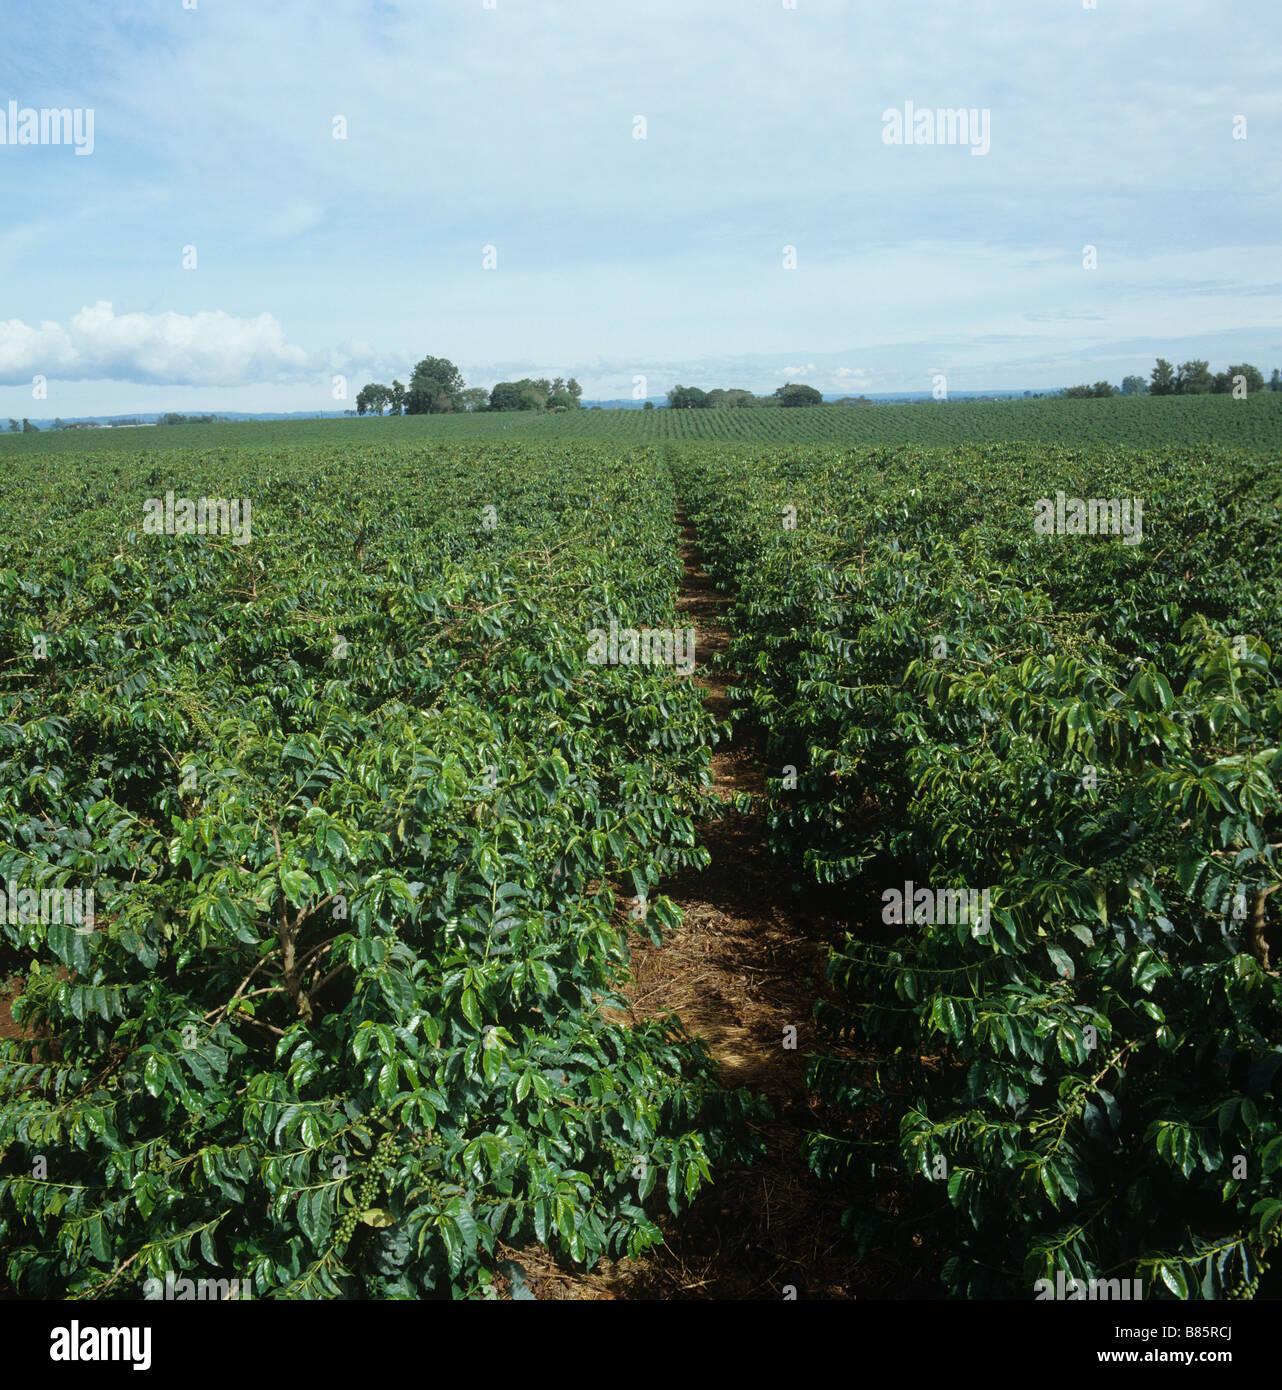 Los arbustos de café arábica en una gran plantación comercial cerca de Nairobi (Kenia) Imagen De Stock